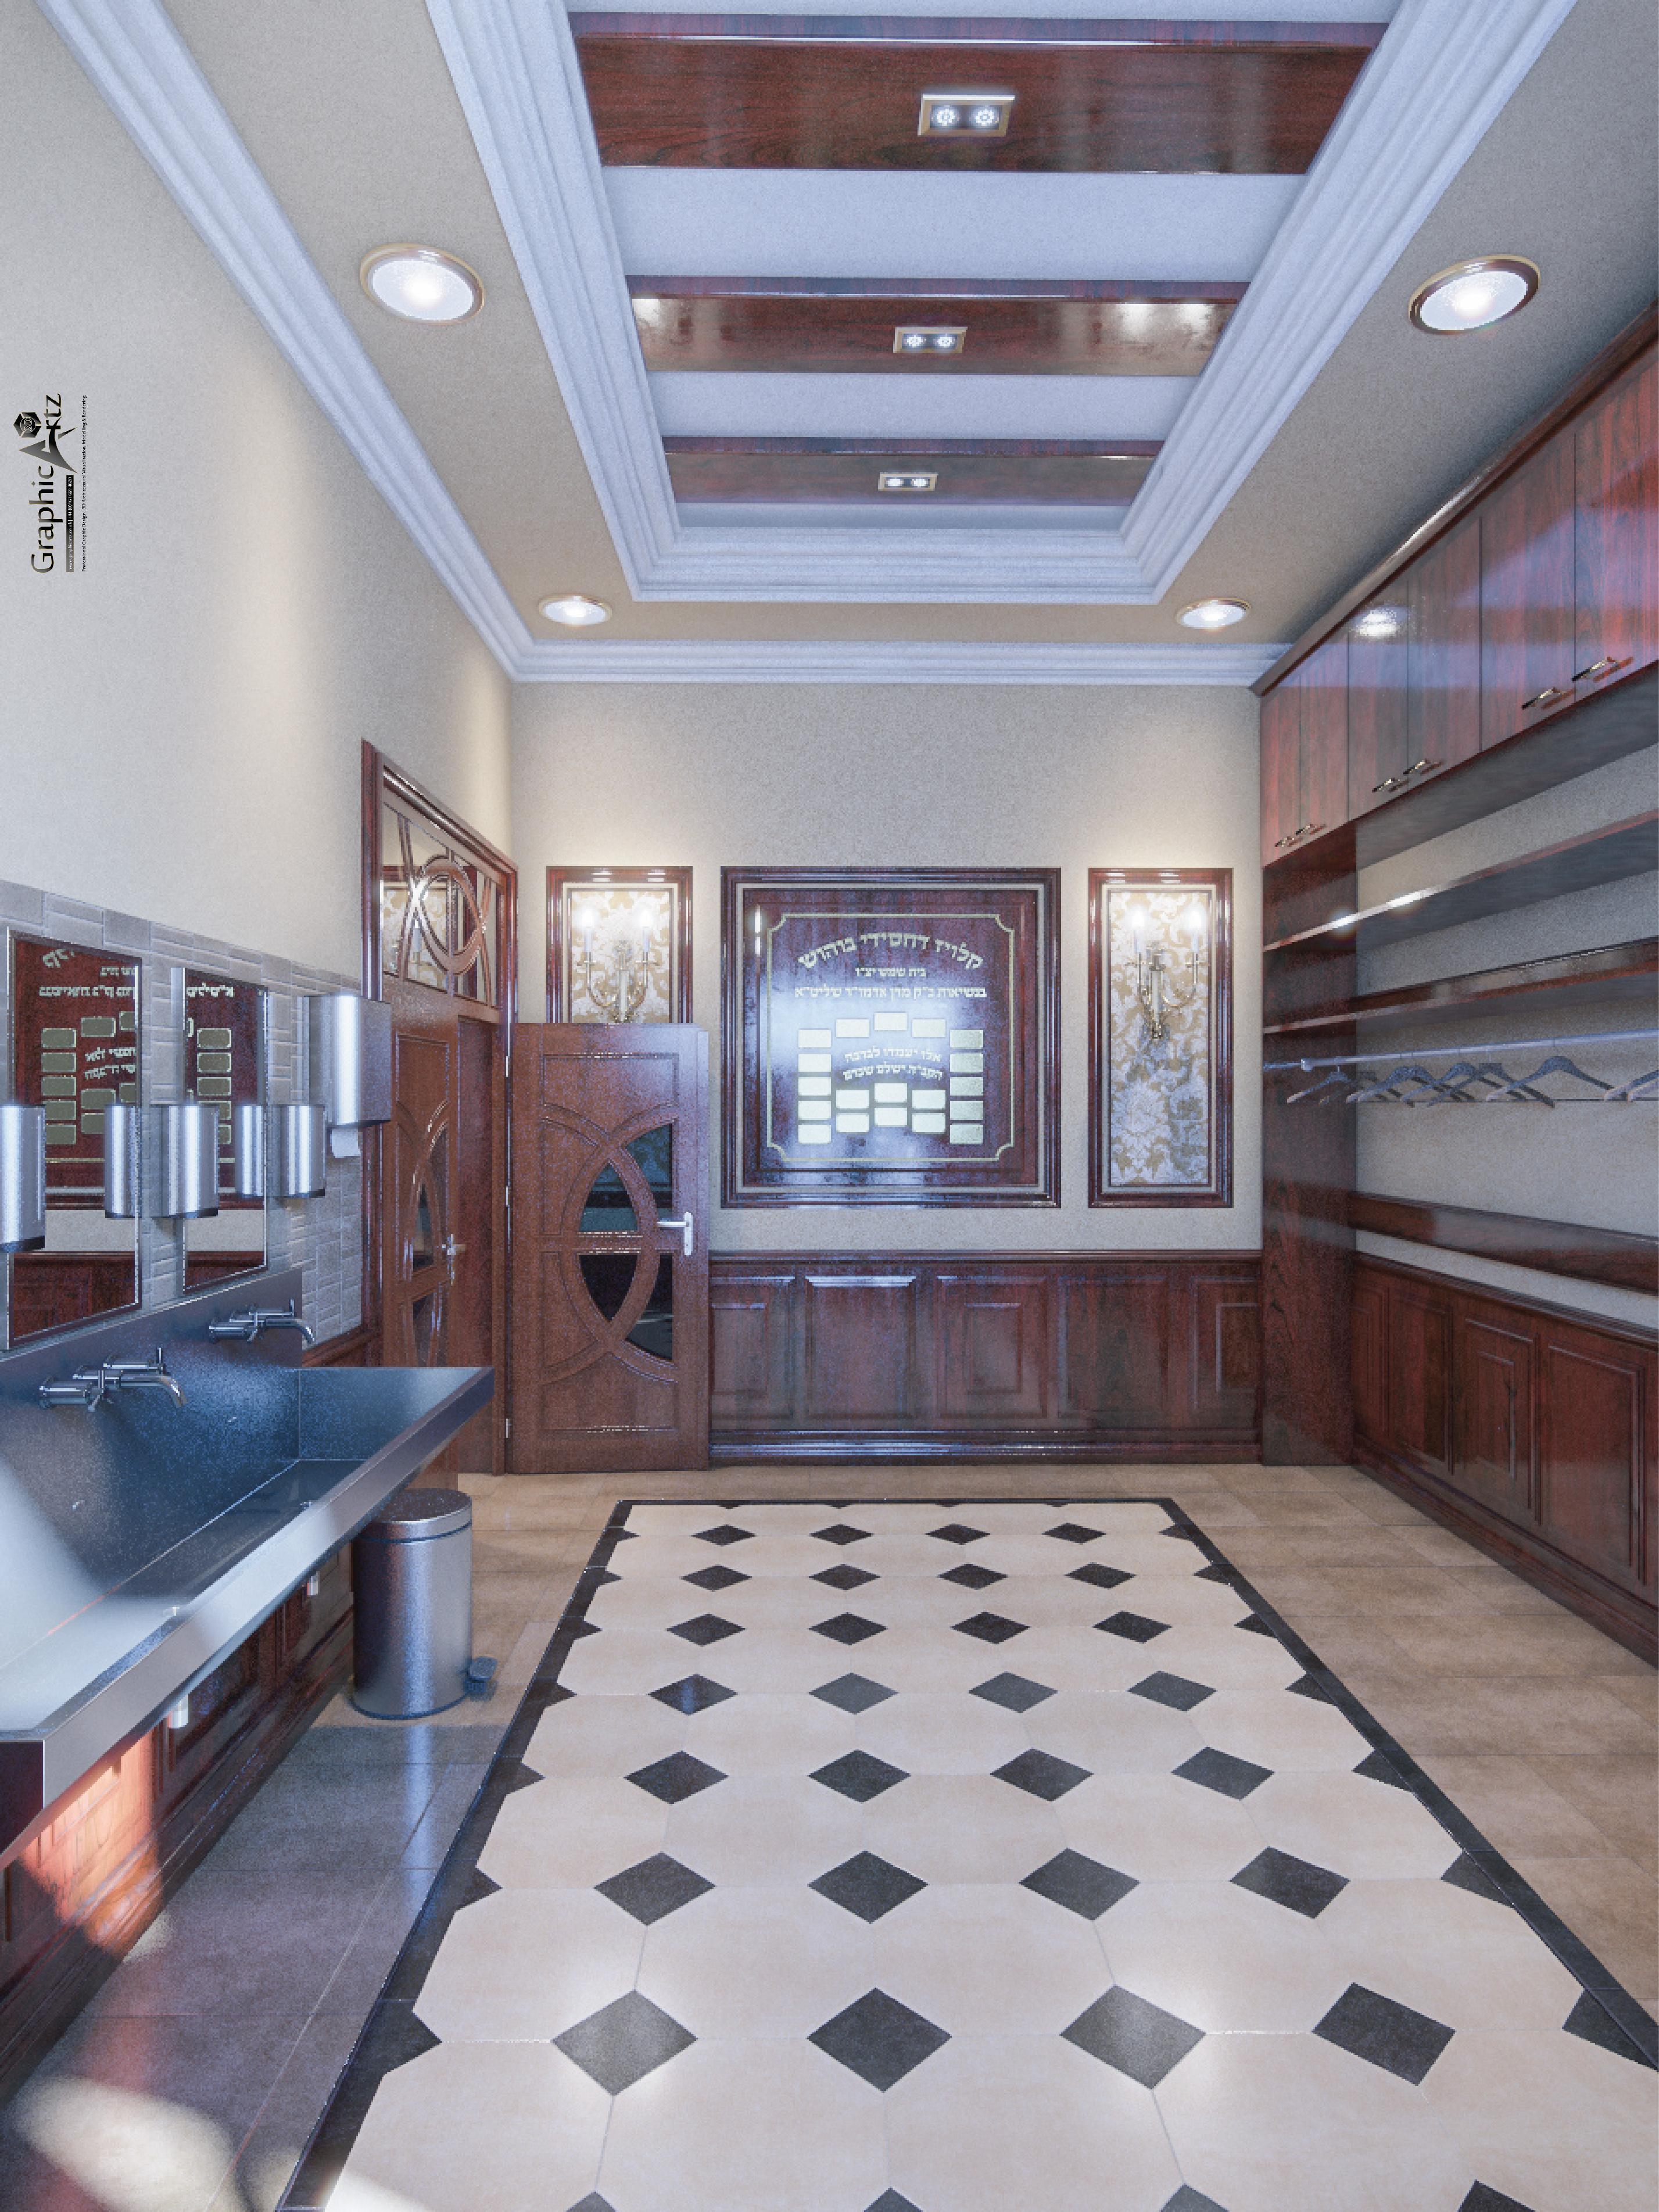 Buhush Beis Hamedrash Interior CGI lobby